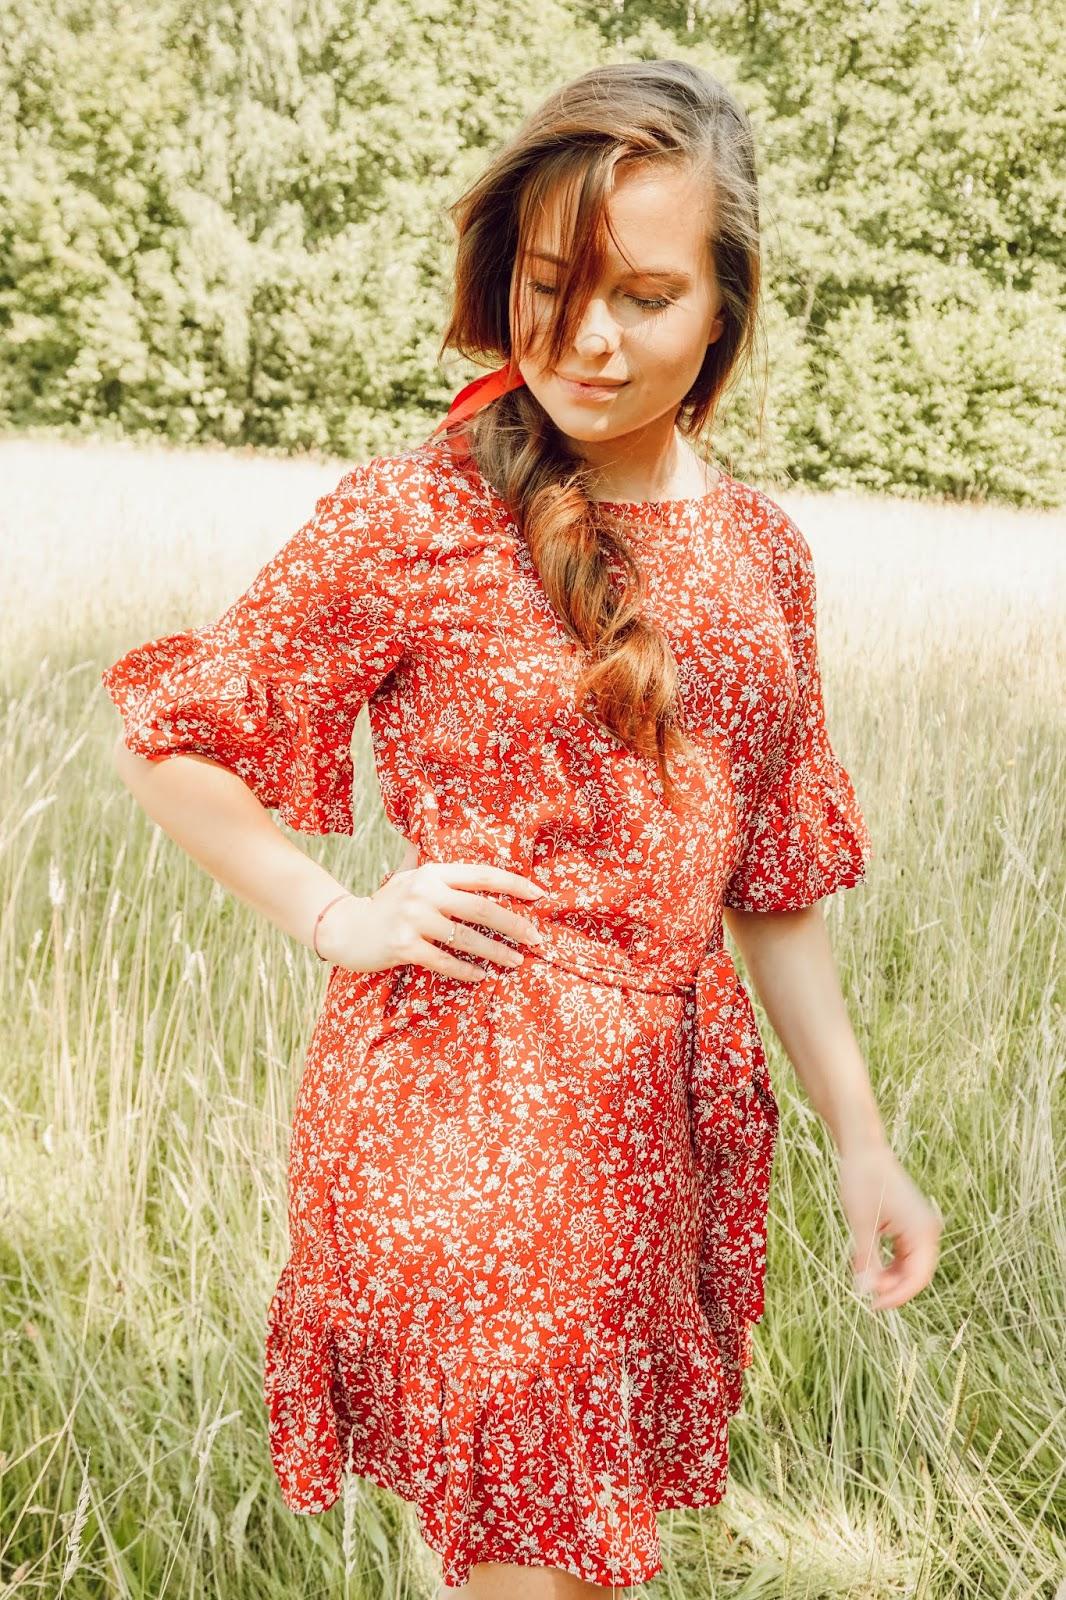 ☼ Czerwona sukienka.